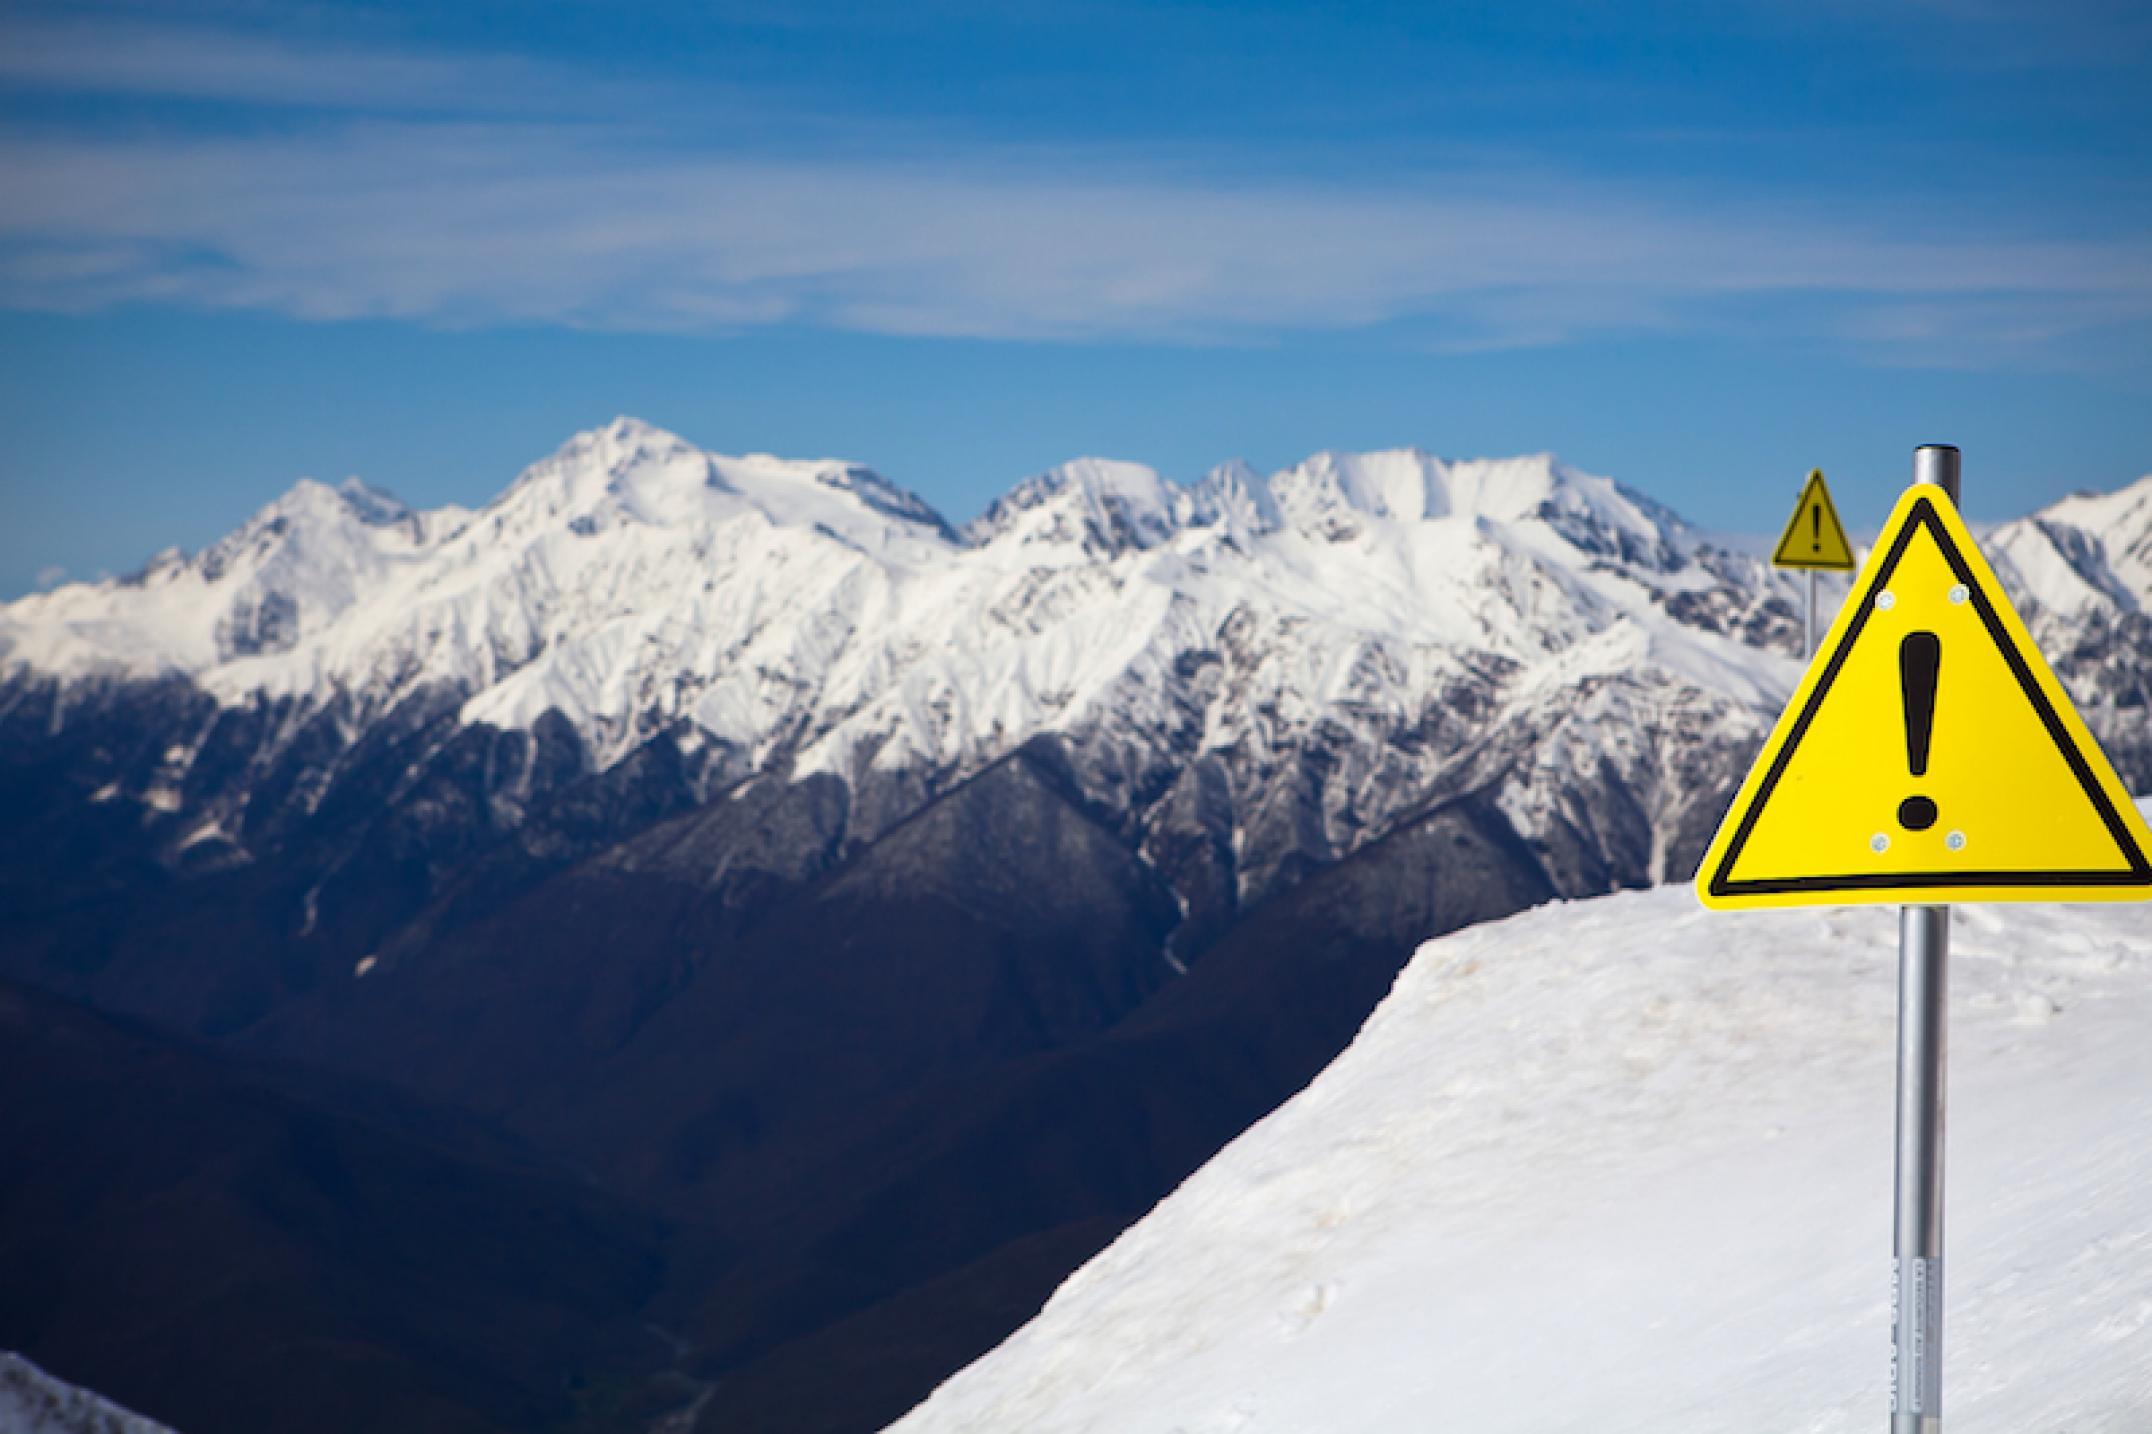 Из-за снегопада в Сочи объявили экстренное предупреждение